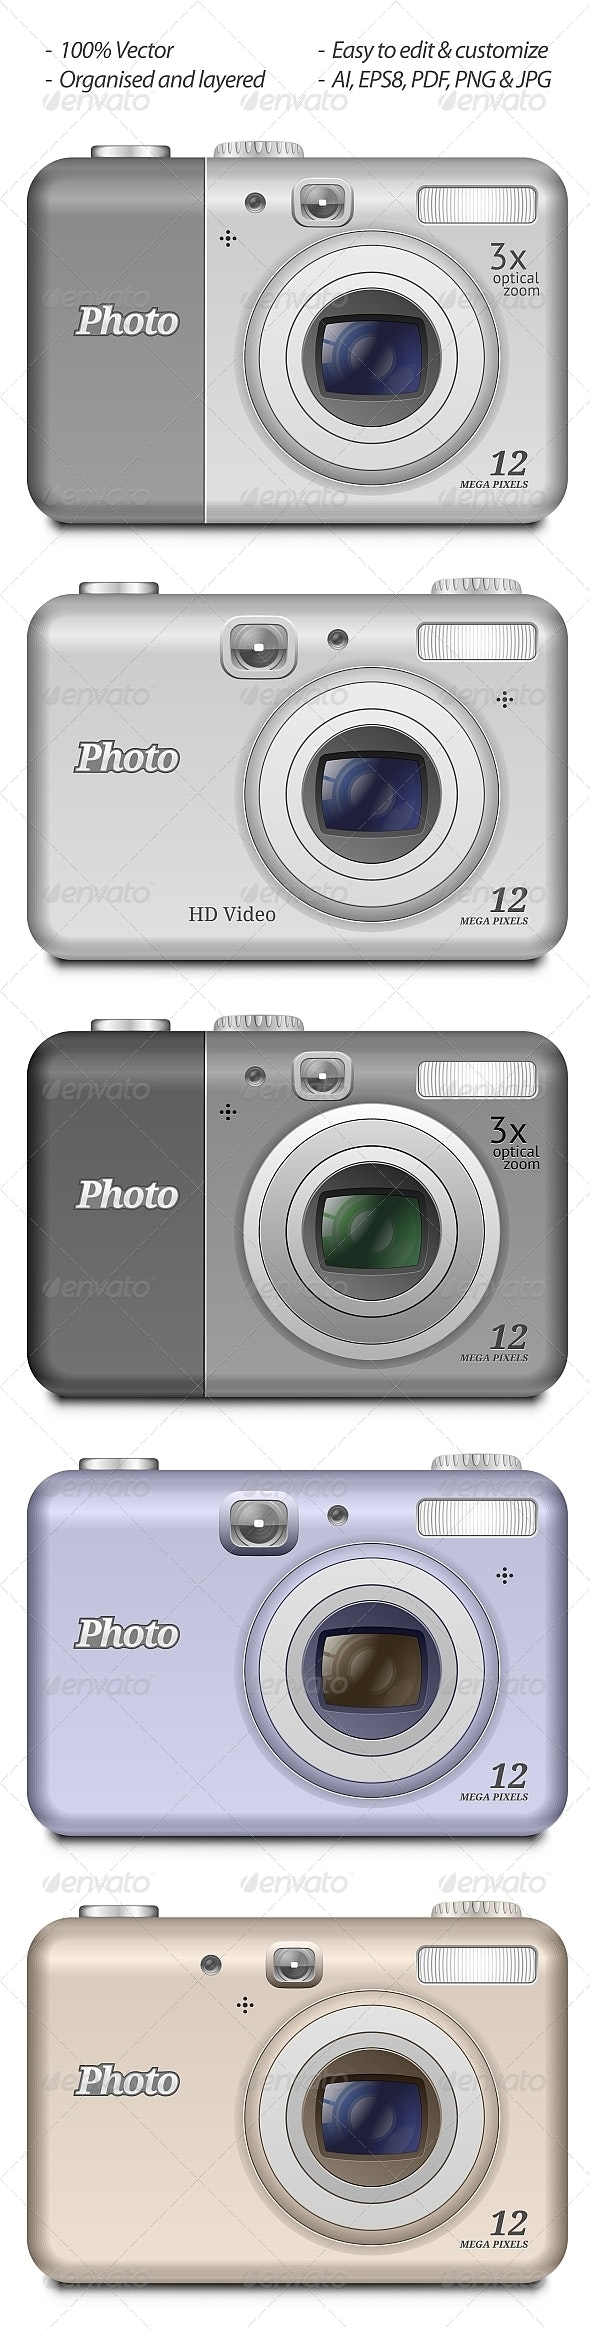 Vector Digital Compact Camera - Objects Vectors